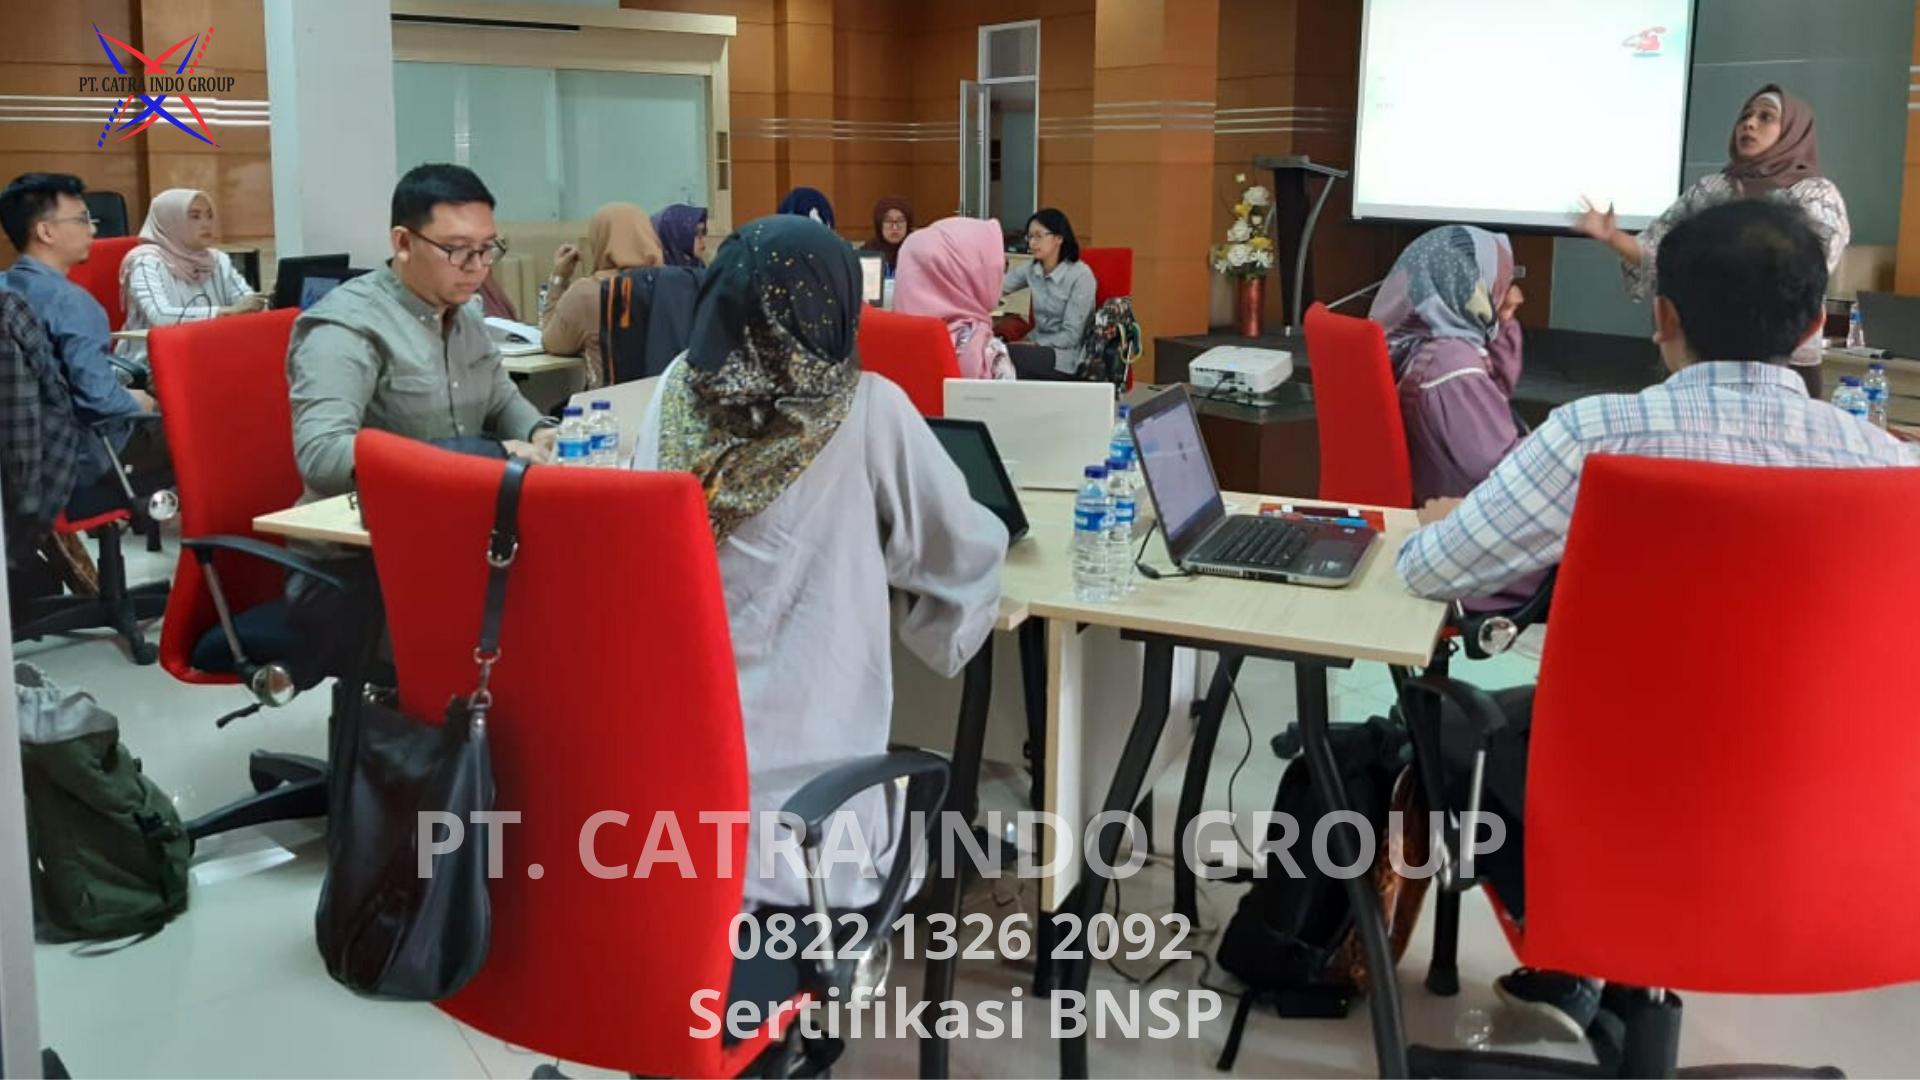 Fungsi dari Sertifikasi BNSP